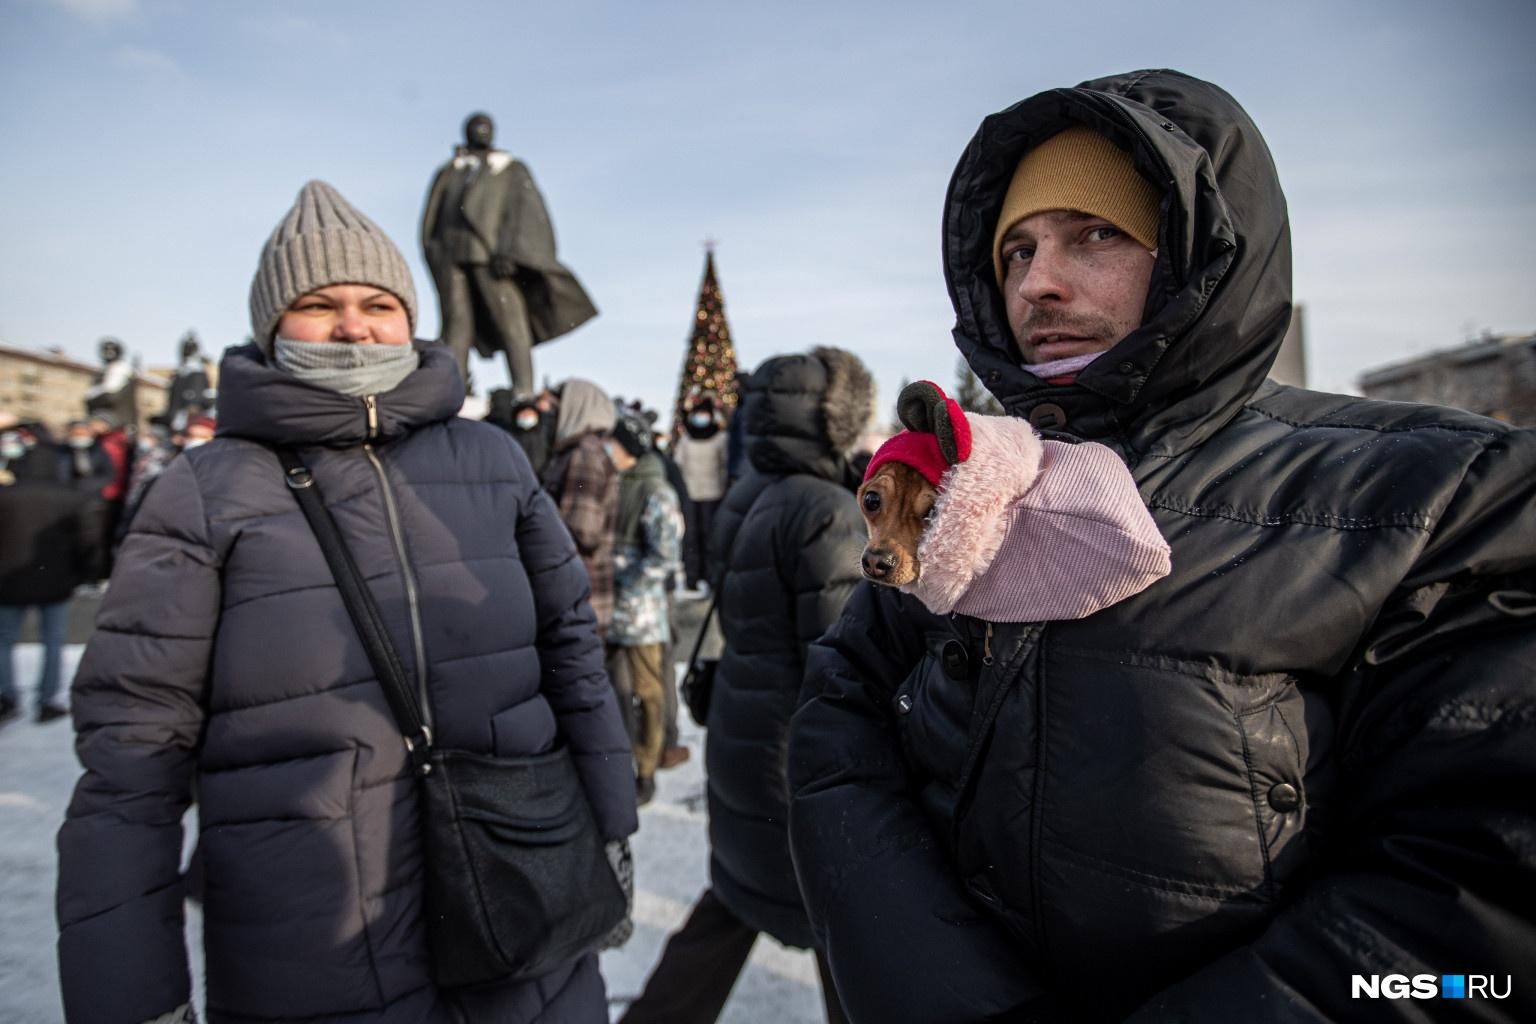 На митинг пришли не только сторонники Алексея Навального